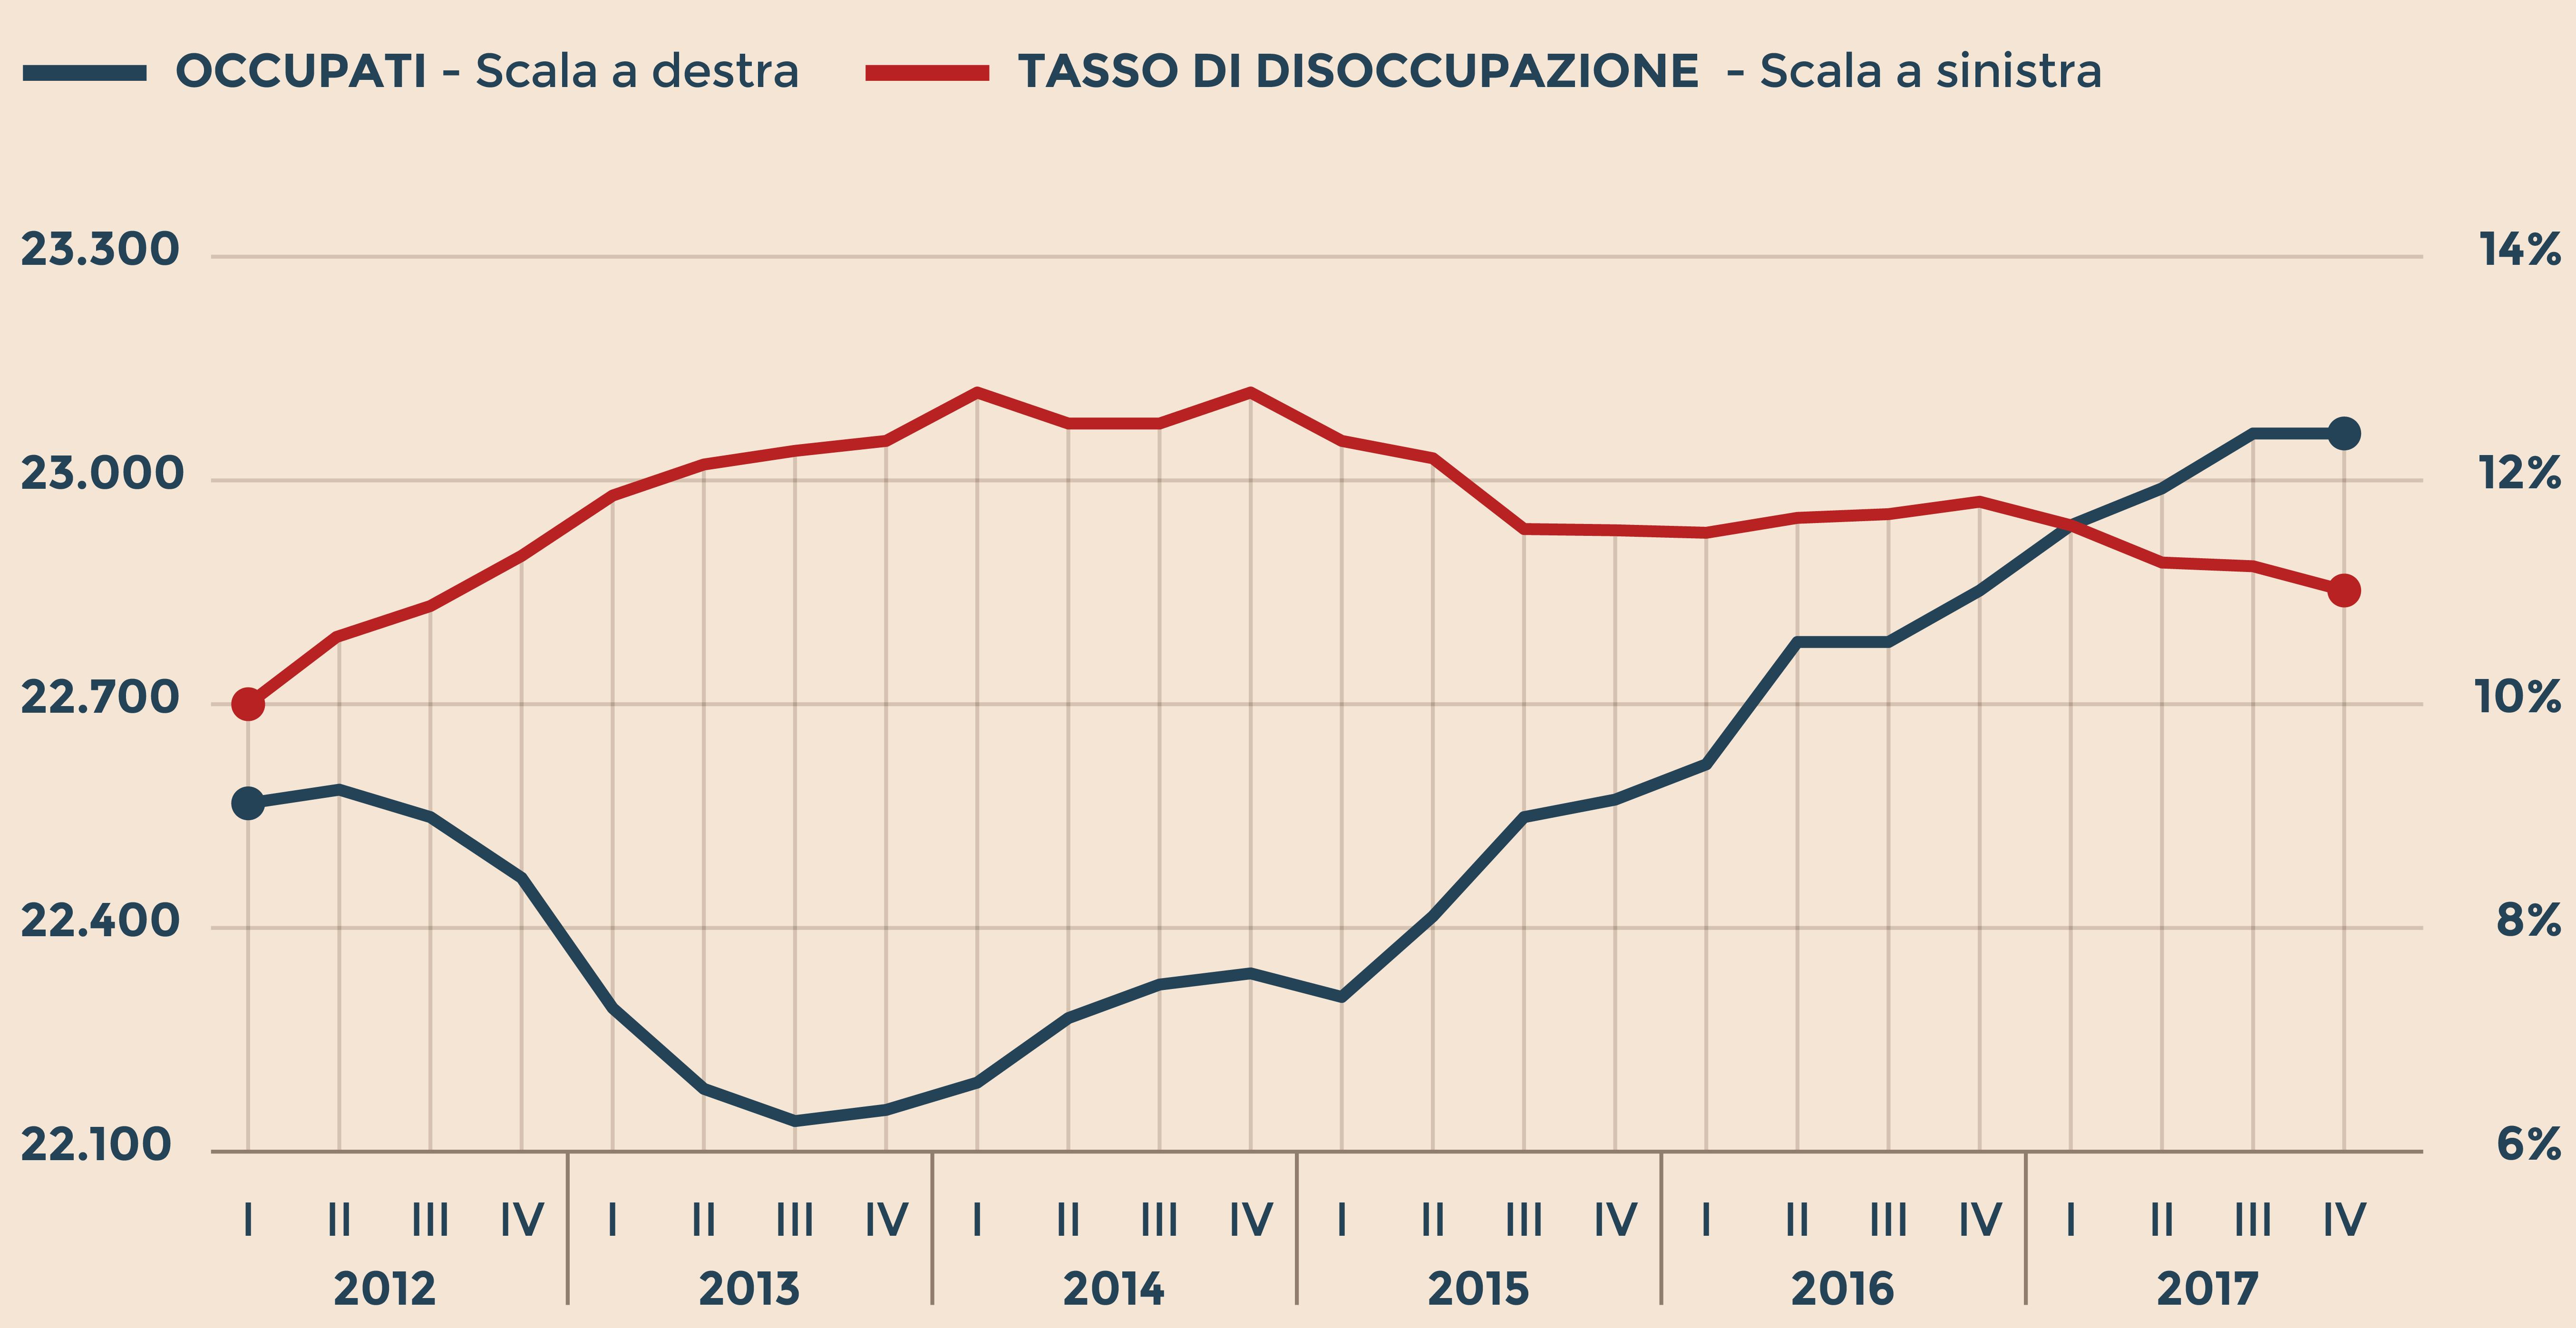 Grafico tasso di disoccupazione 2017 istat